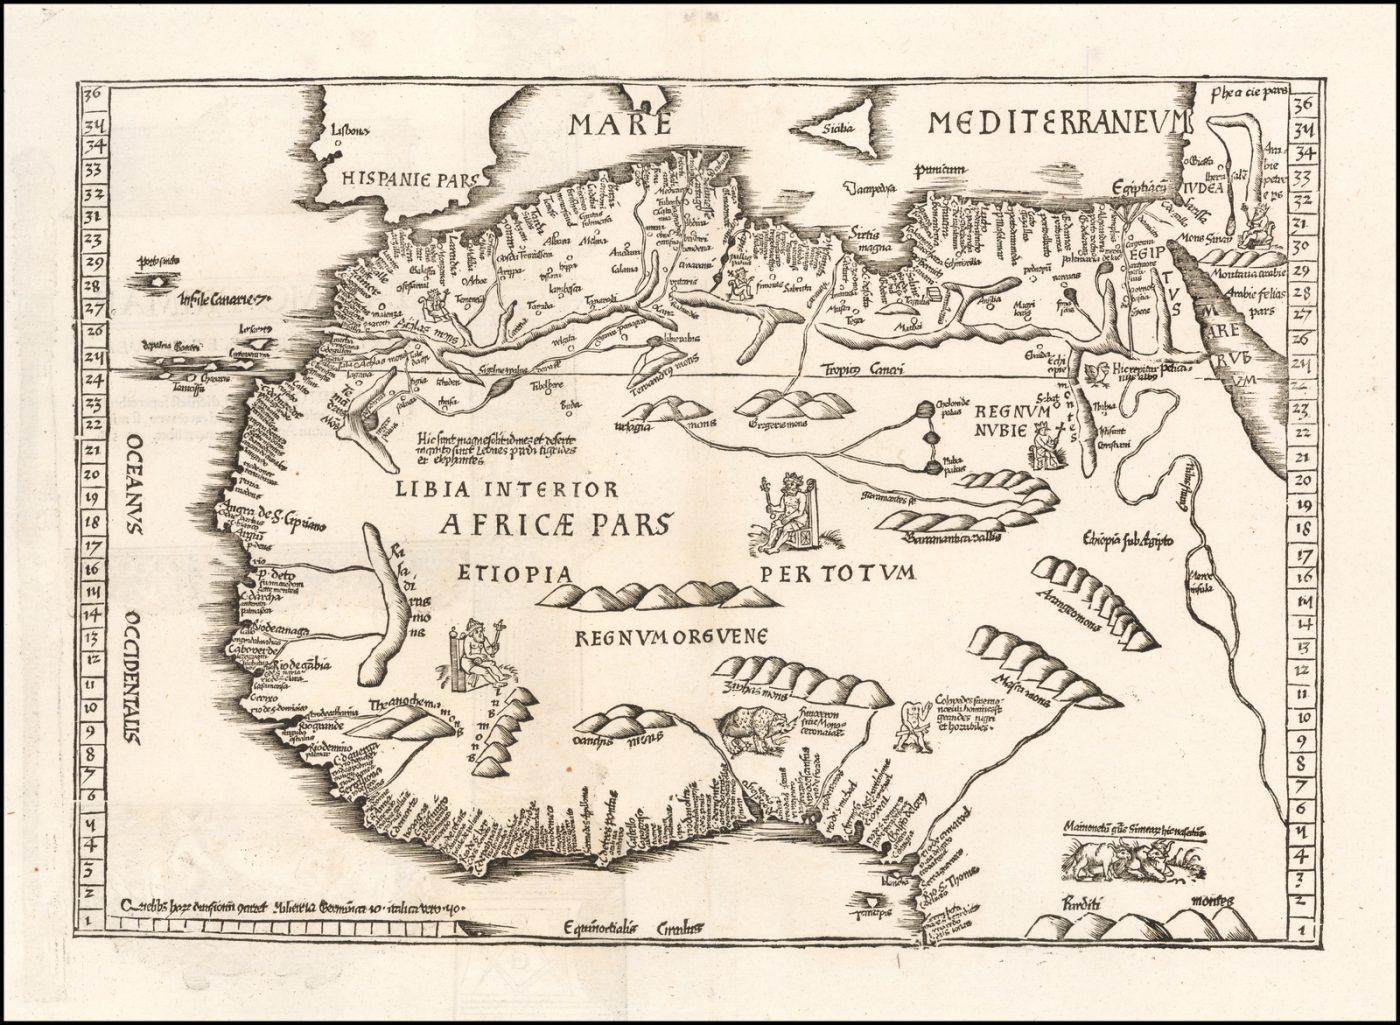 Одна из самых ранних карт Африки Лоренца Фриза, издание 1525 года